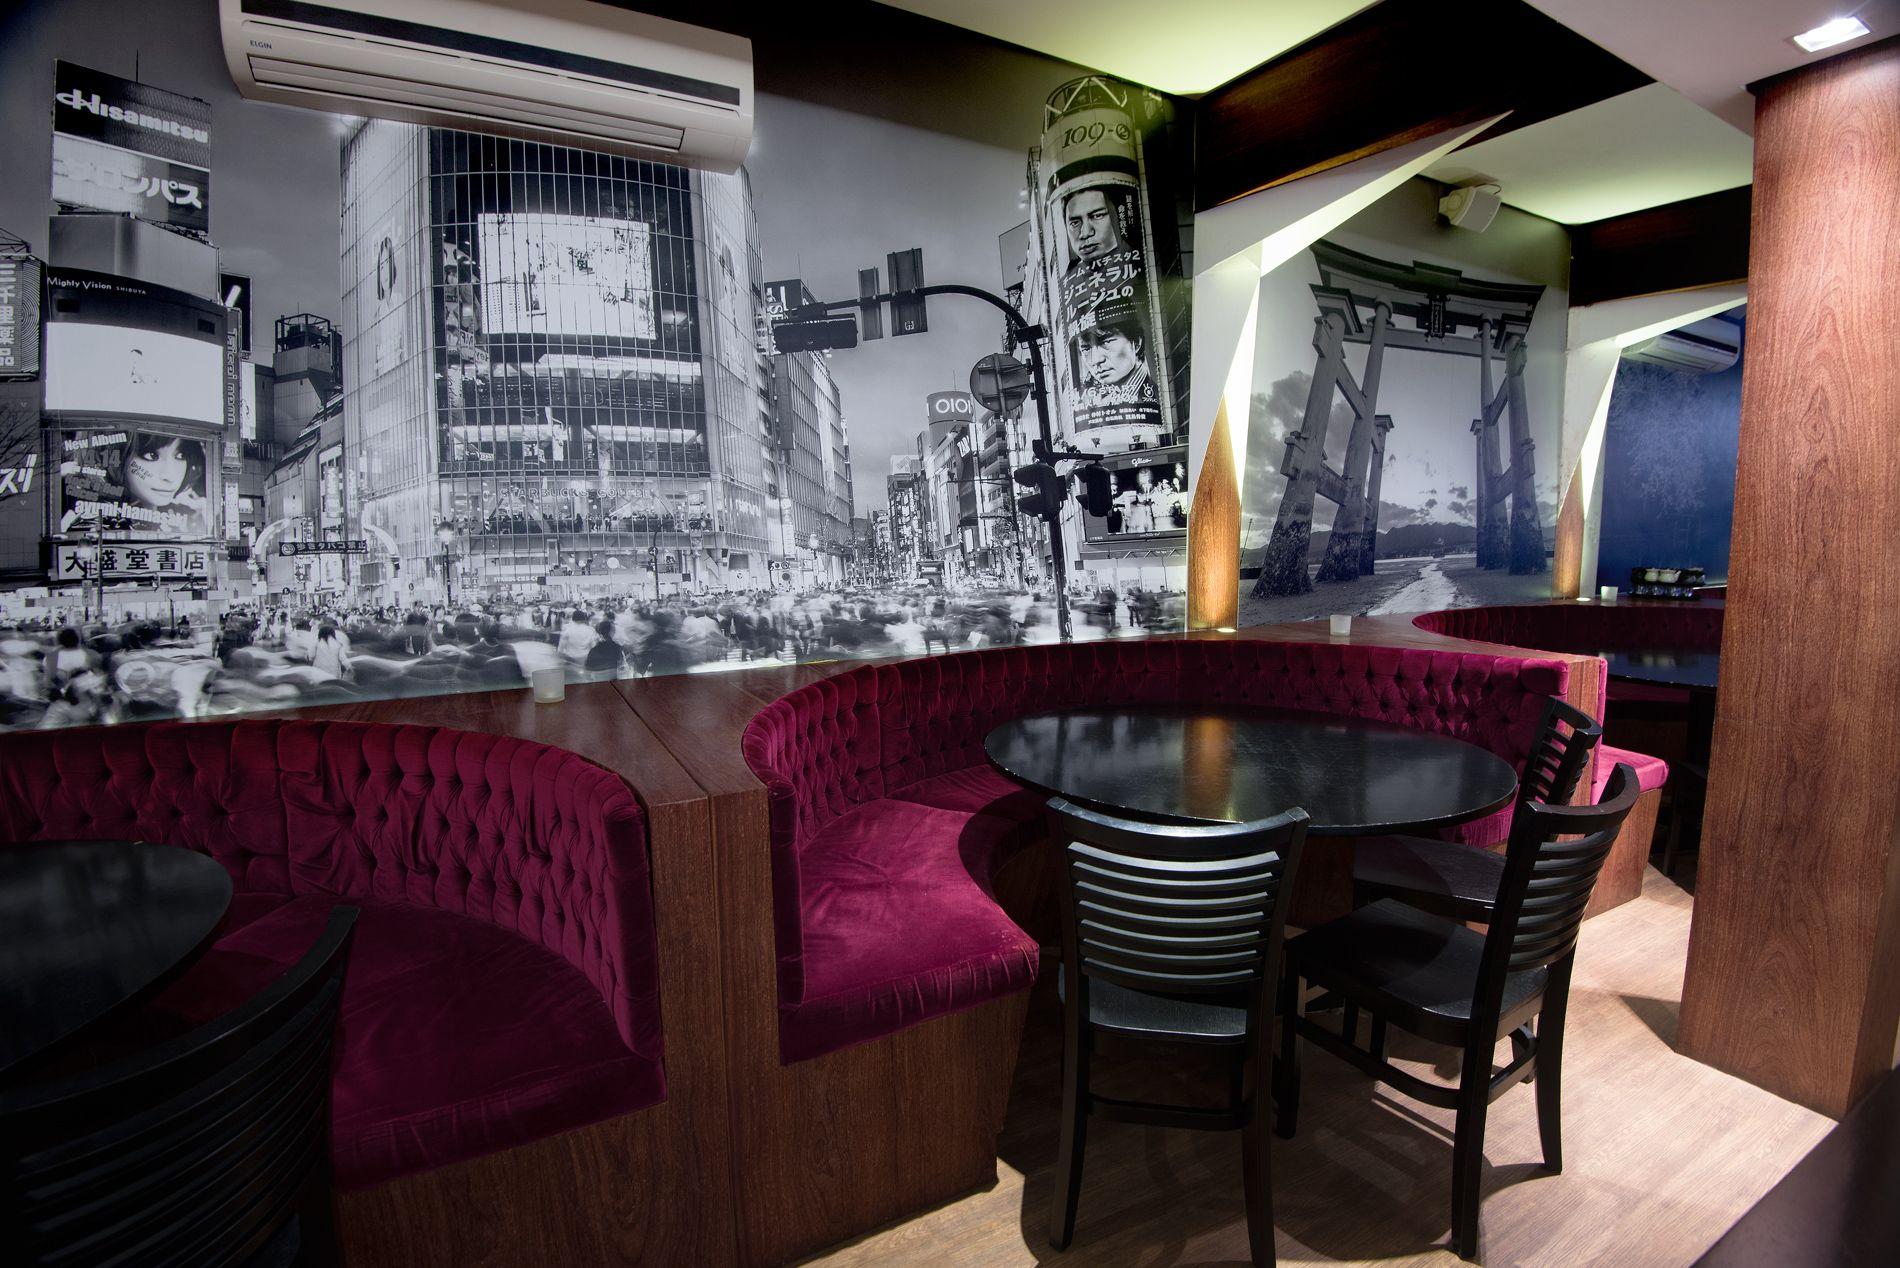 Adesivação de paredes para decoração do restaurante japonês Tokyo House